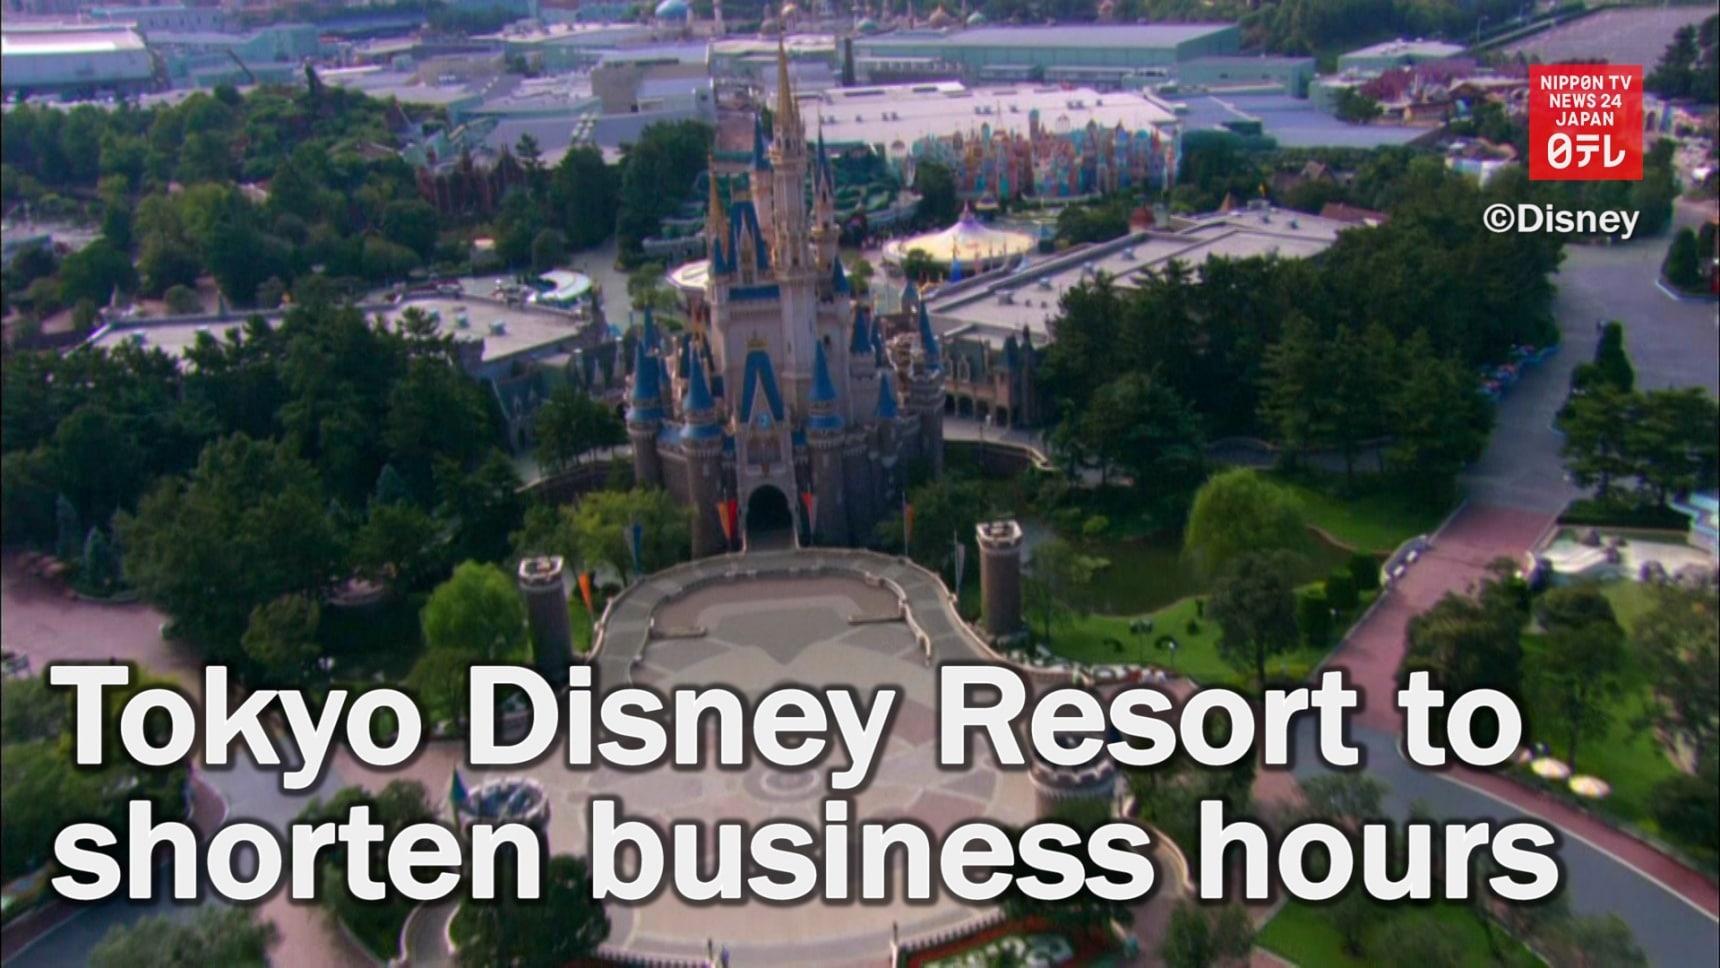 Tokyo Disney Resort to Shorten Business Hours